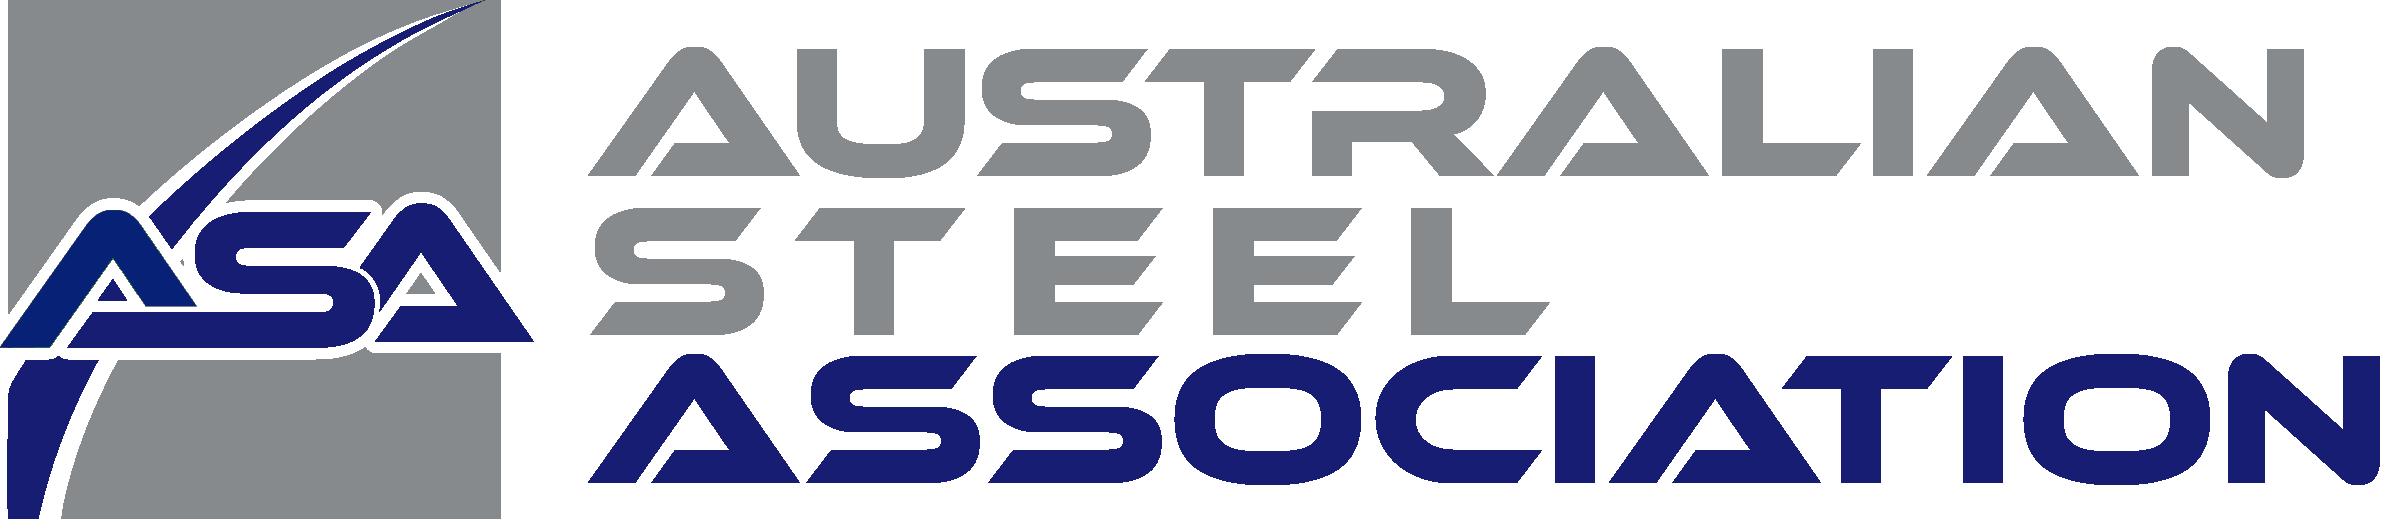 Australian Steel Association